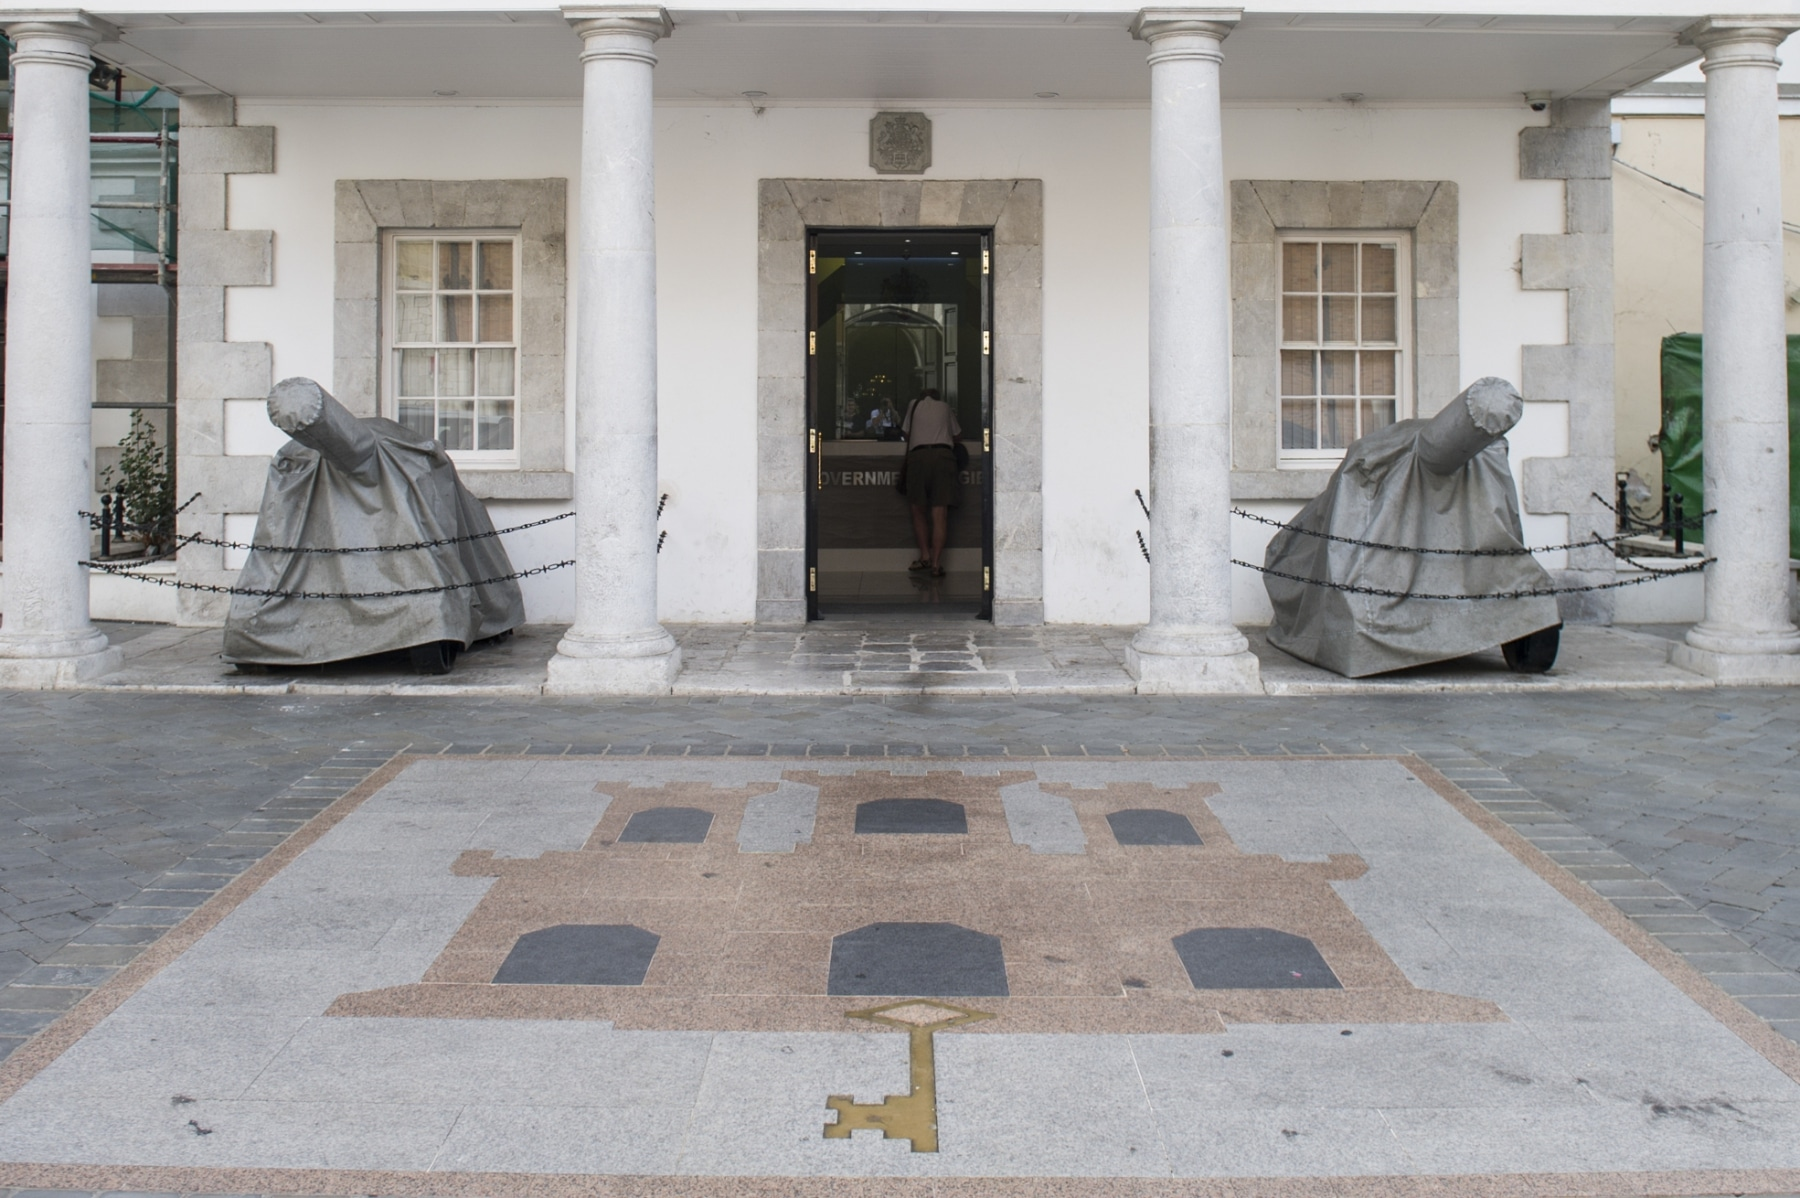 el-n-6-de-convent-place-sede-del-gobierno-de-gibraltar_22740241645_o